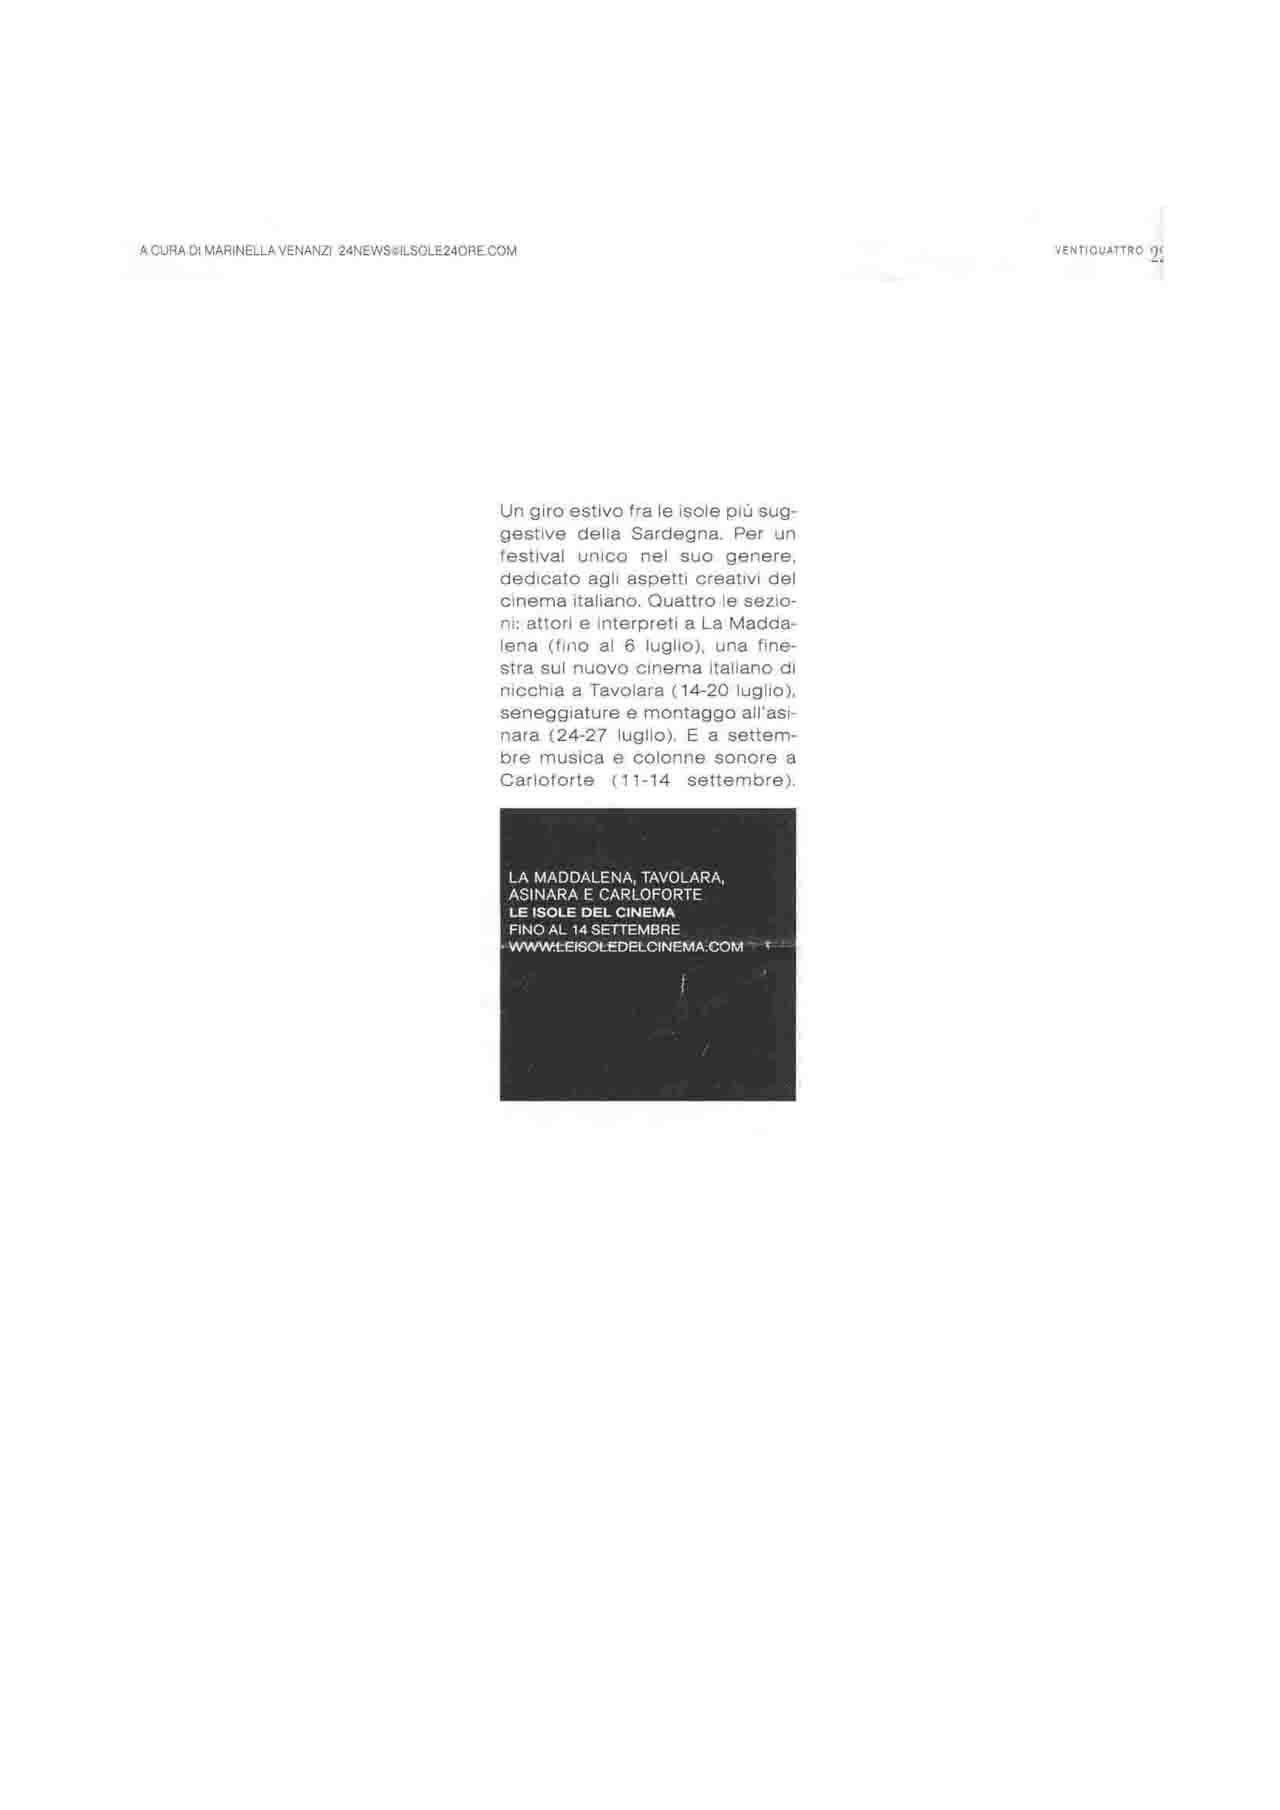 04.07.08 ventiquattroh - Copia